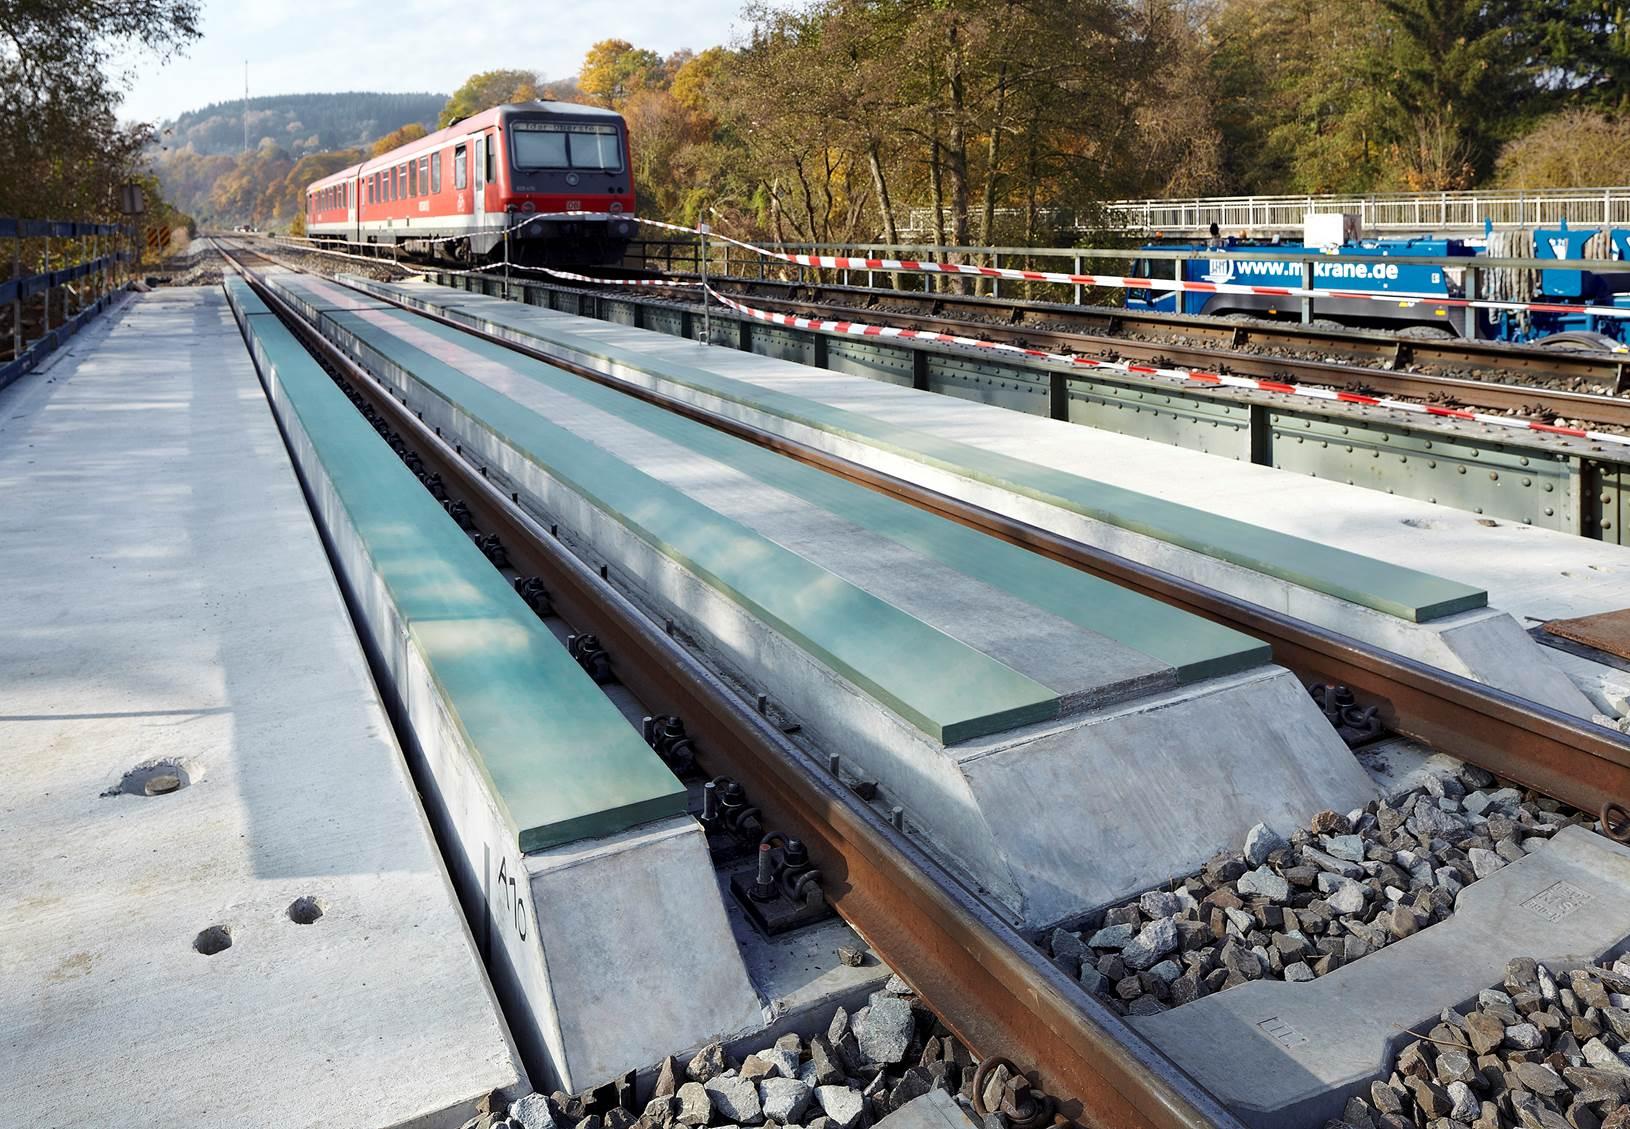 VFT-Rail Brücke